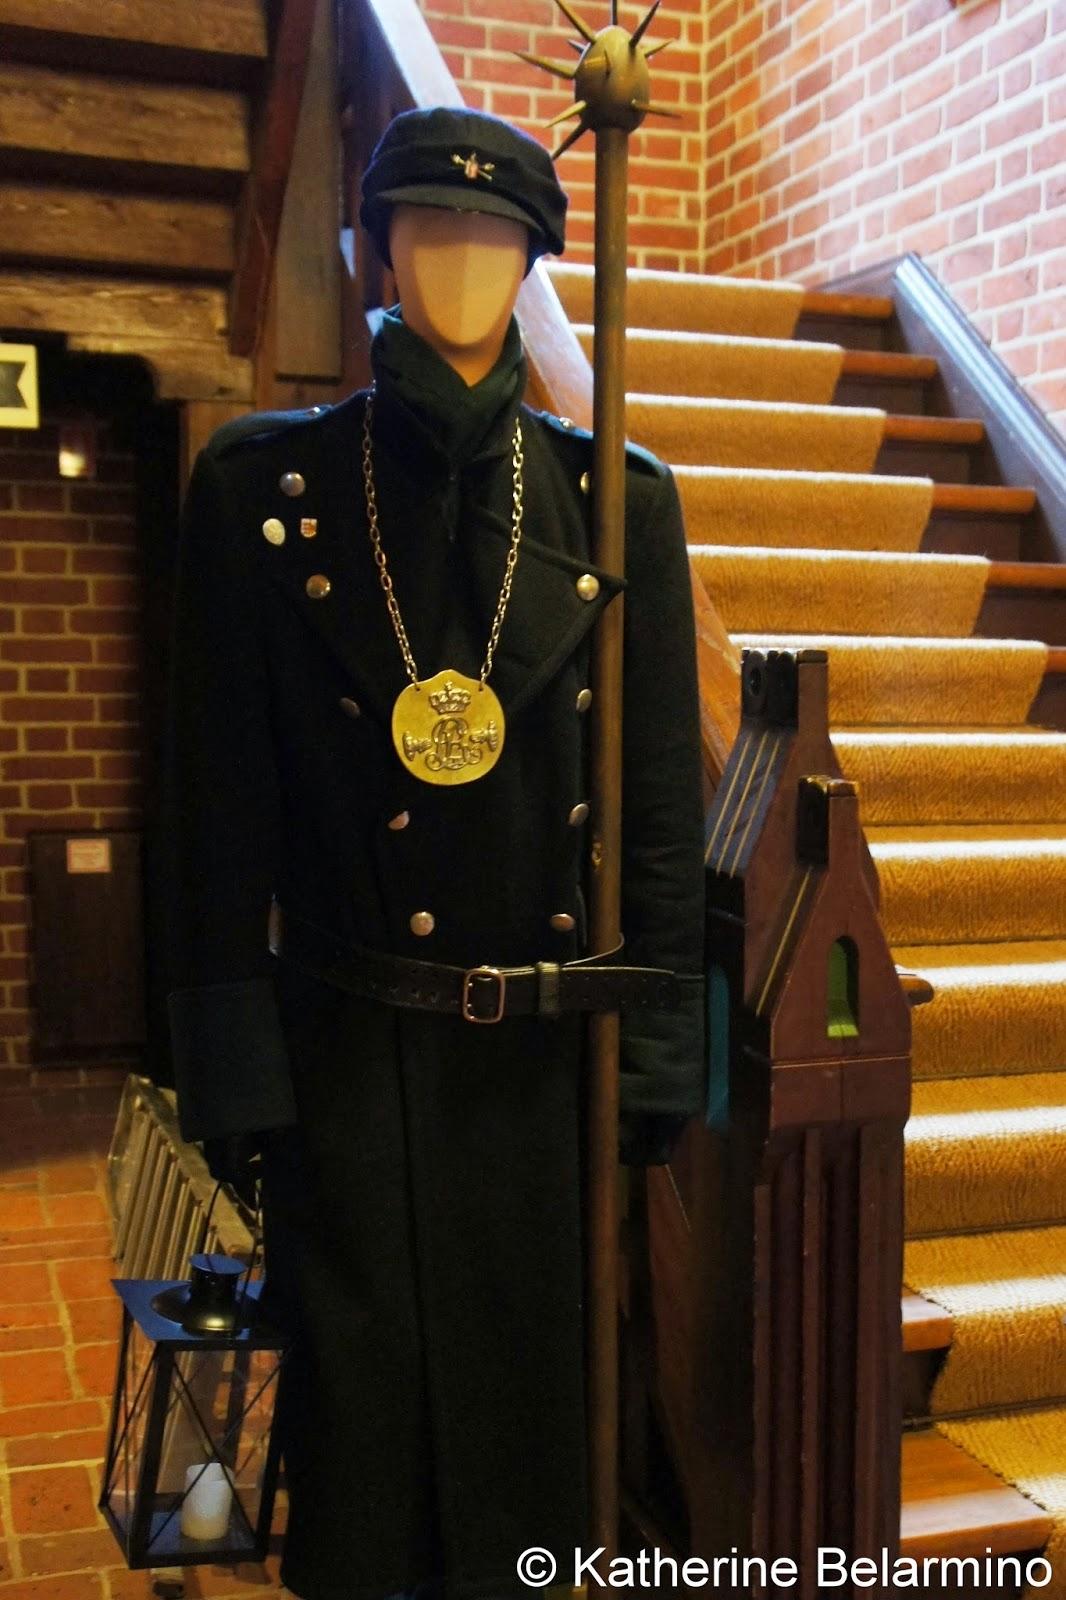 Night Watchman Uniform Den Gamle Radhus Denmark